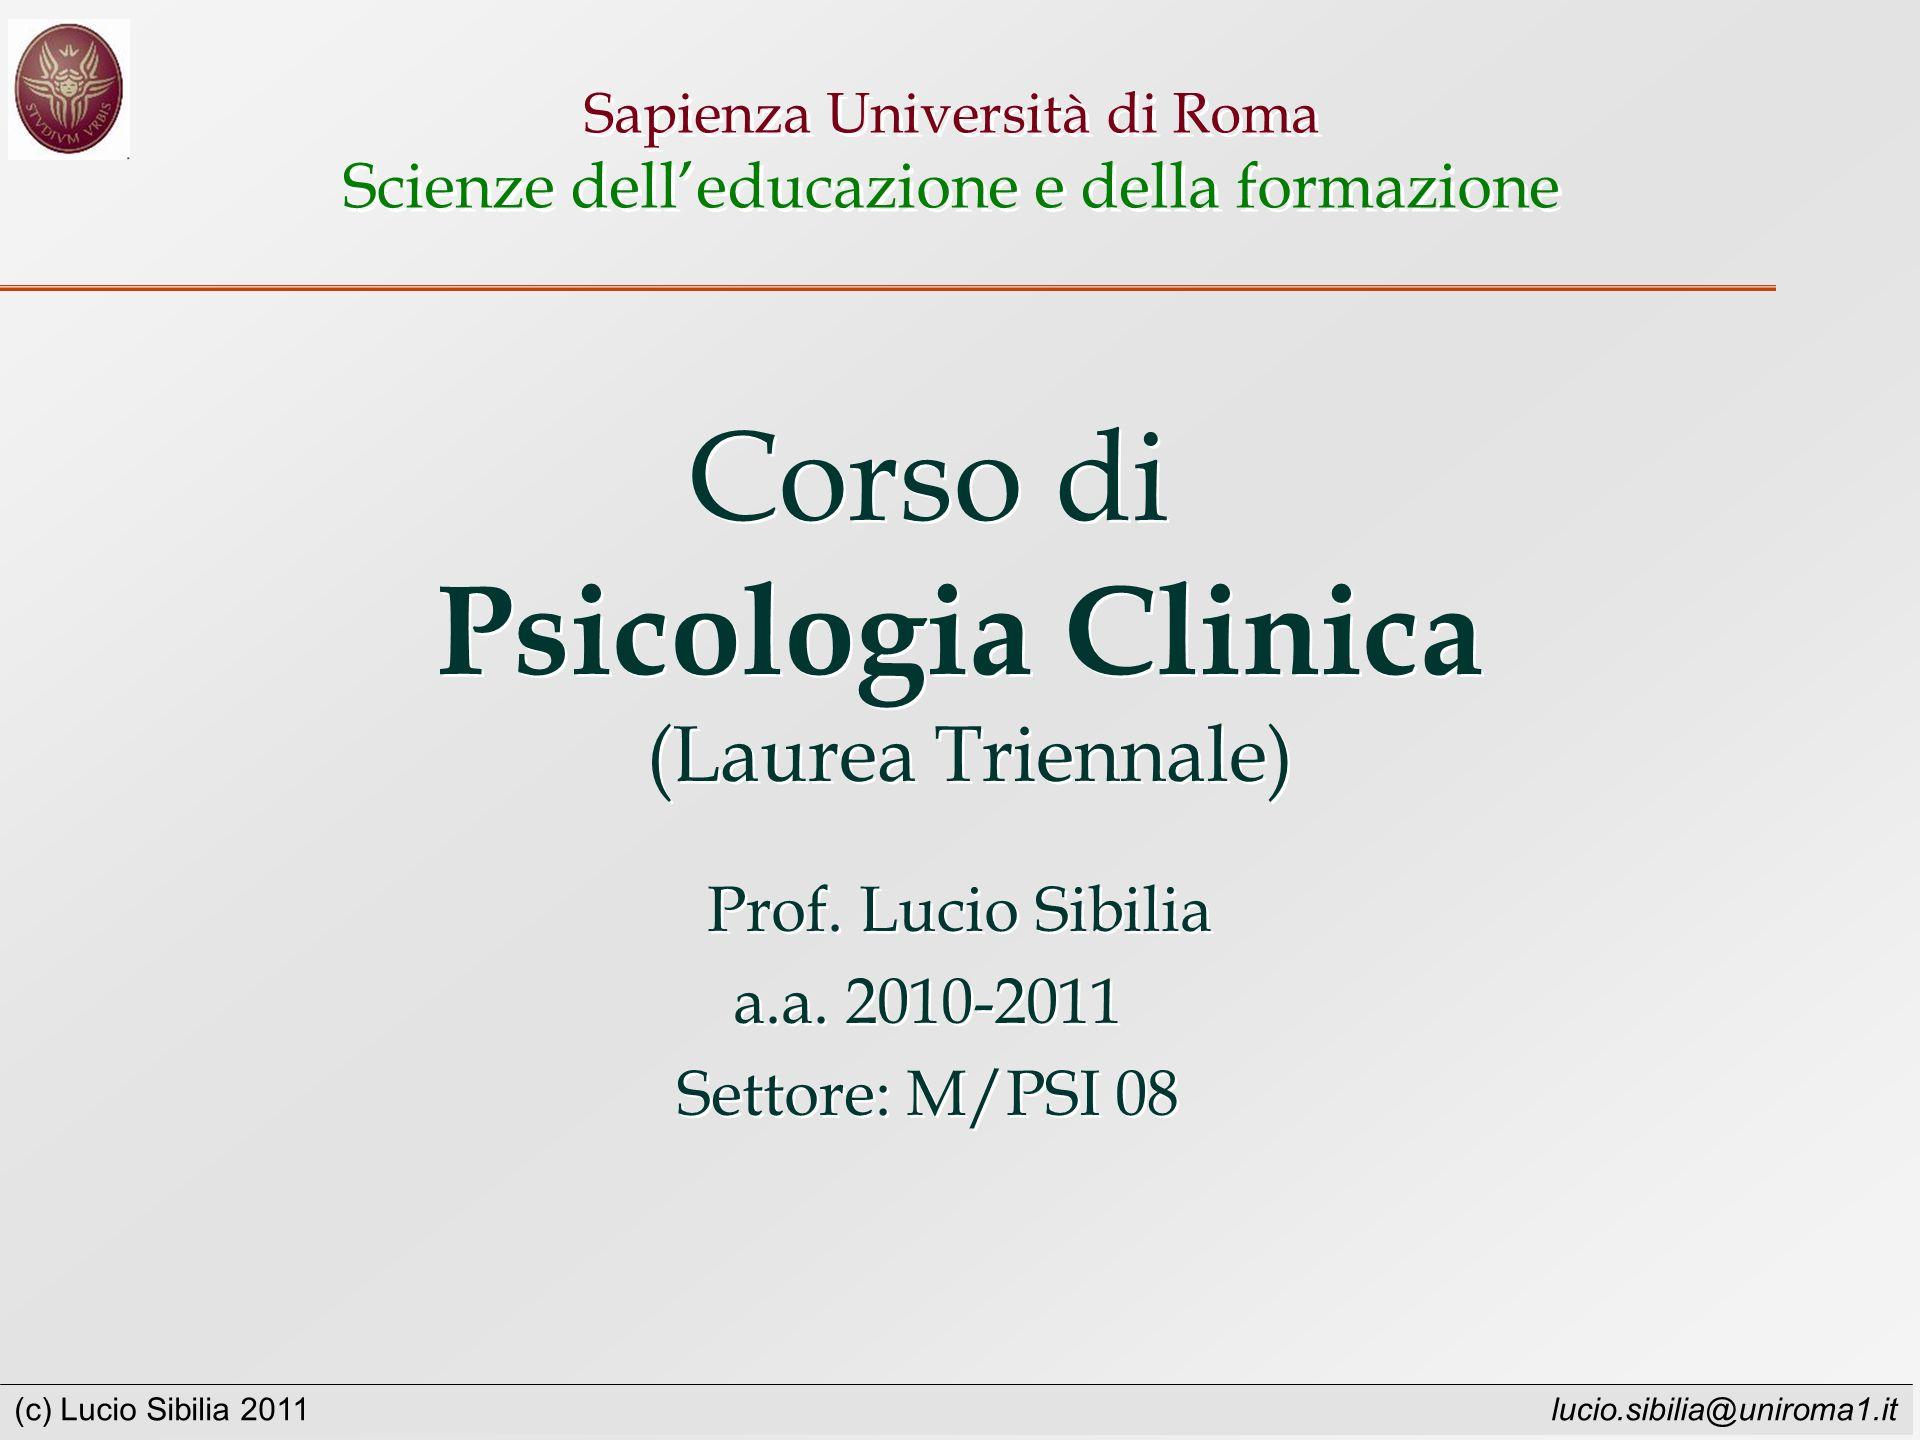 (c) Lucio Sibilia 2011 lucio.sibilia@uniroma1.it Sapienza Università di Roma Scienze delleducazione e della formazione Corso di Psicologia Clinica (Laurea Triennale) Prof.